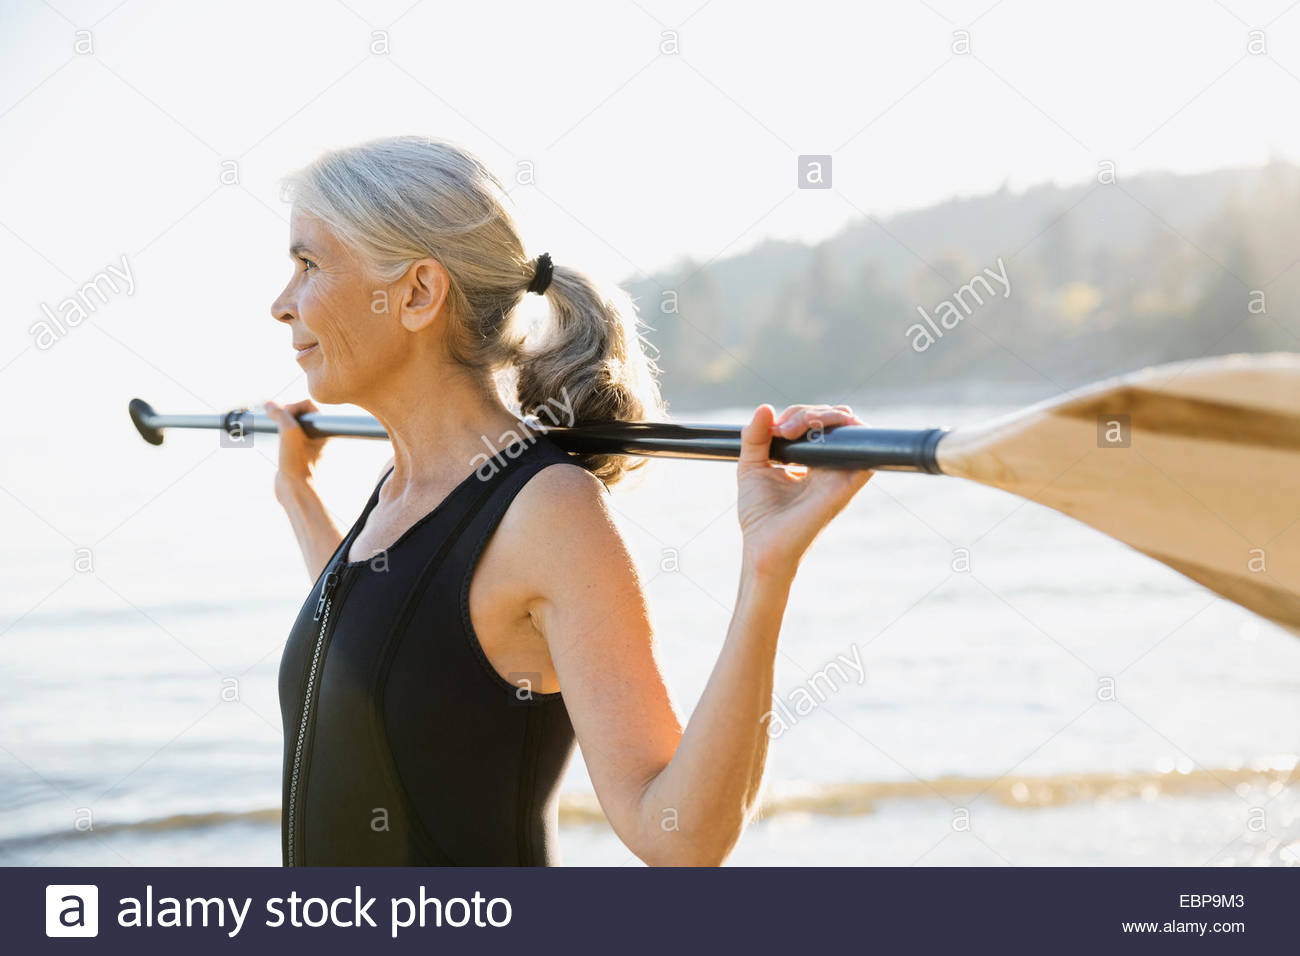 Senior woman holding paddle on sunny beach - Stock Image